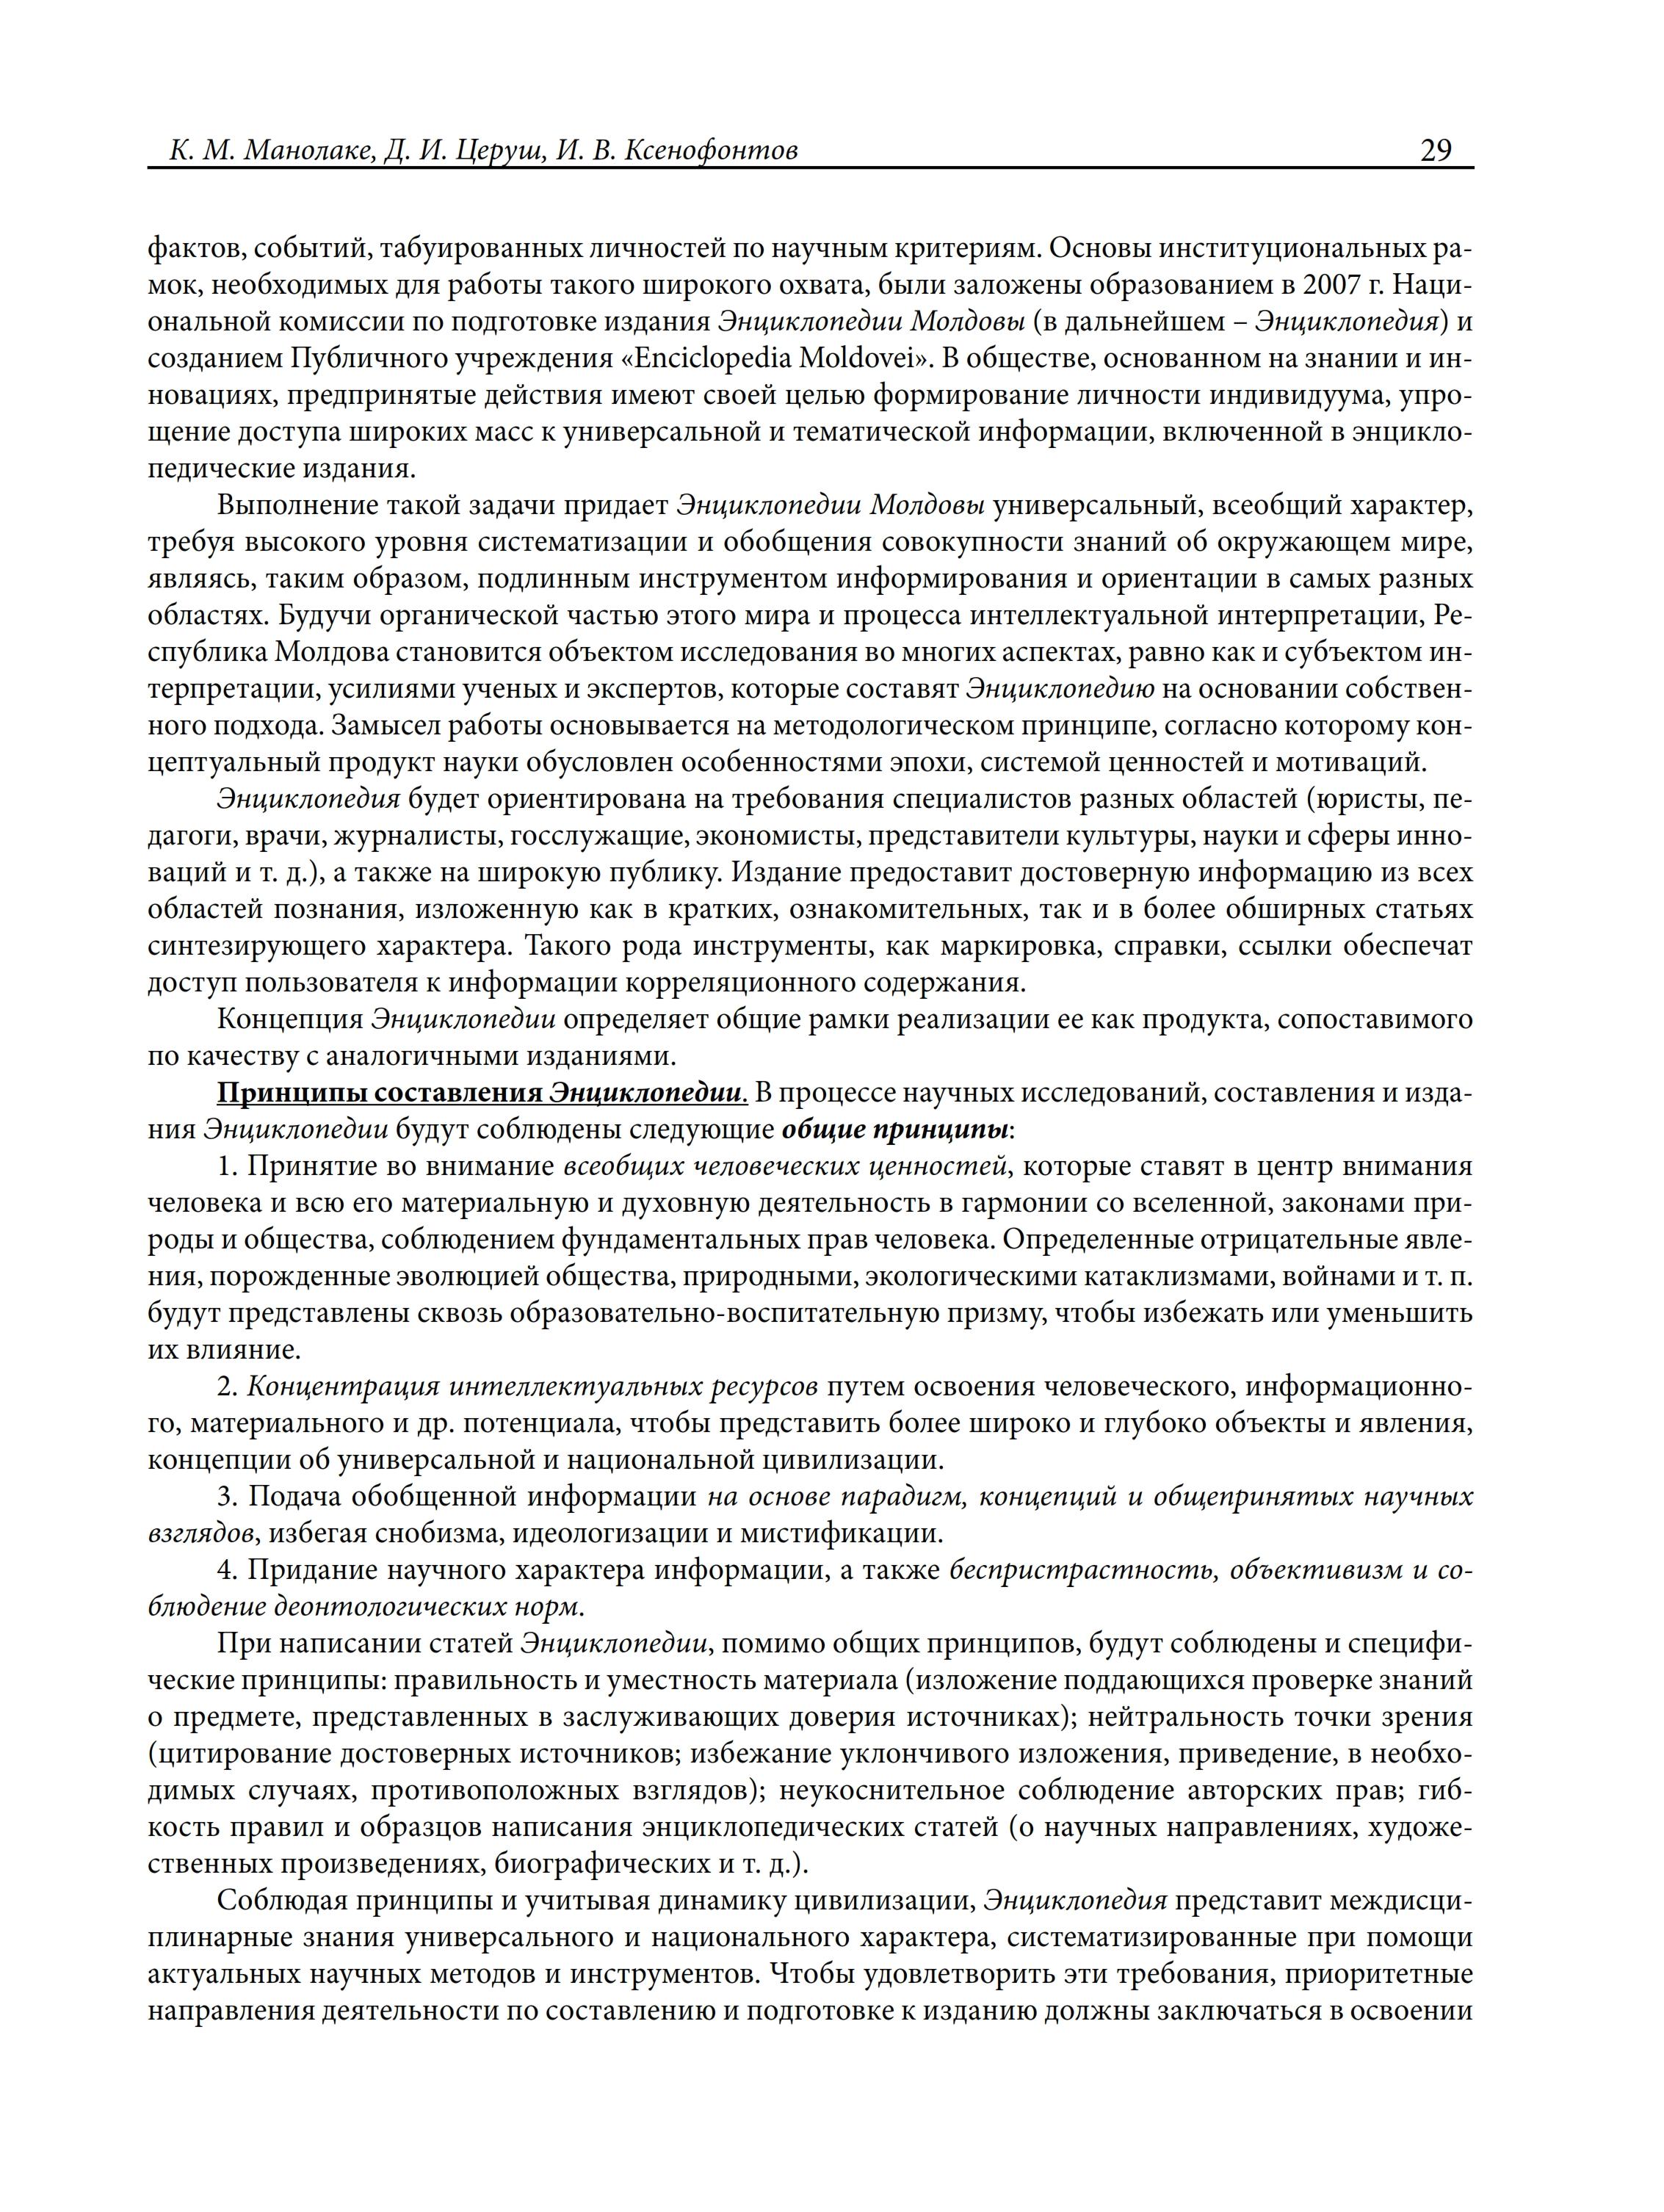 Dopov2011_029